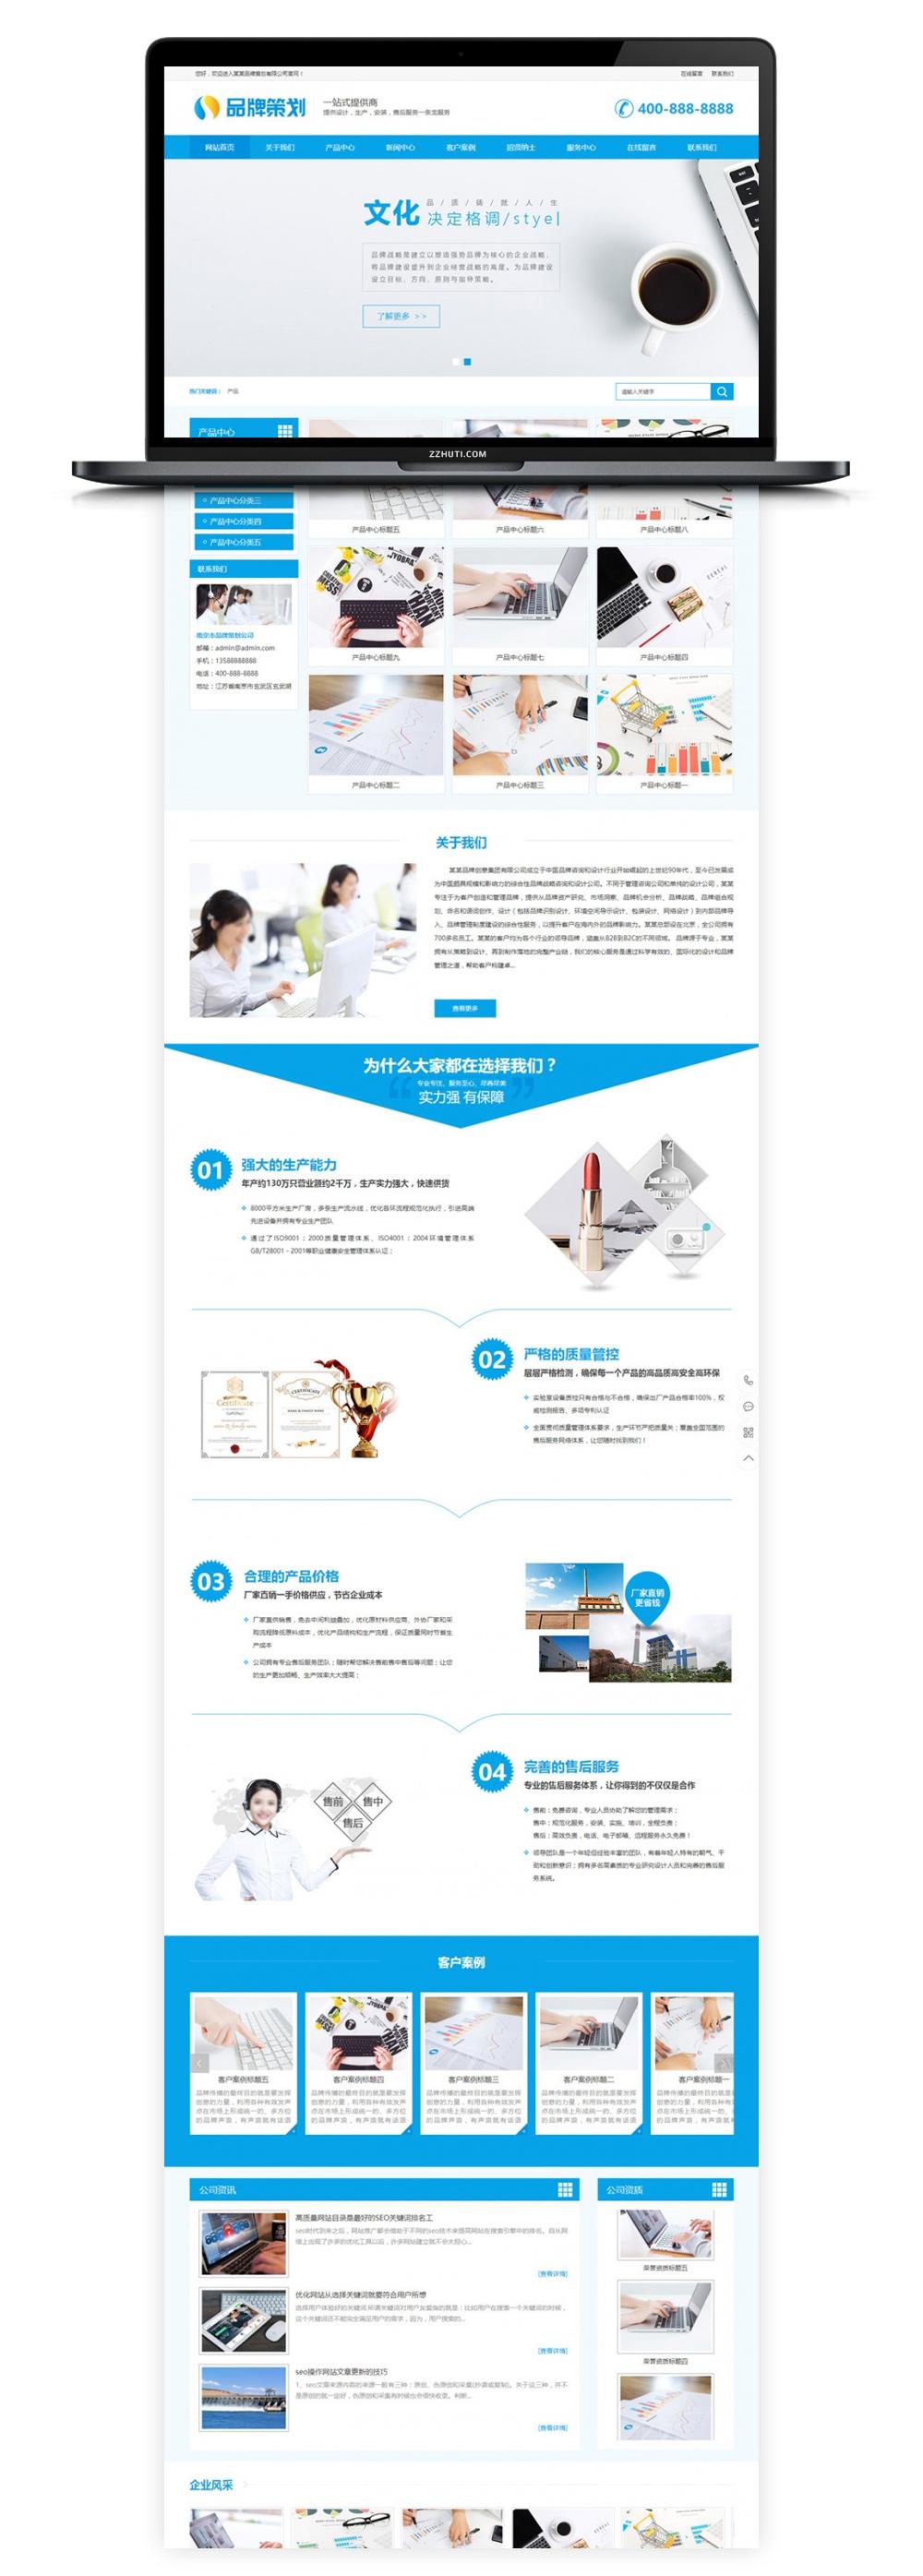 【织梦设计企业模板】品牌策划设计企业通用类企业网站DEDECMS自适应手机源码-蓝汇源码